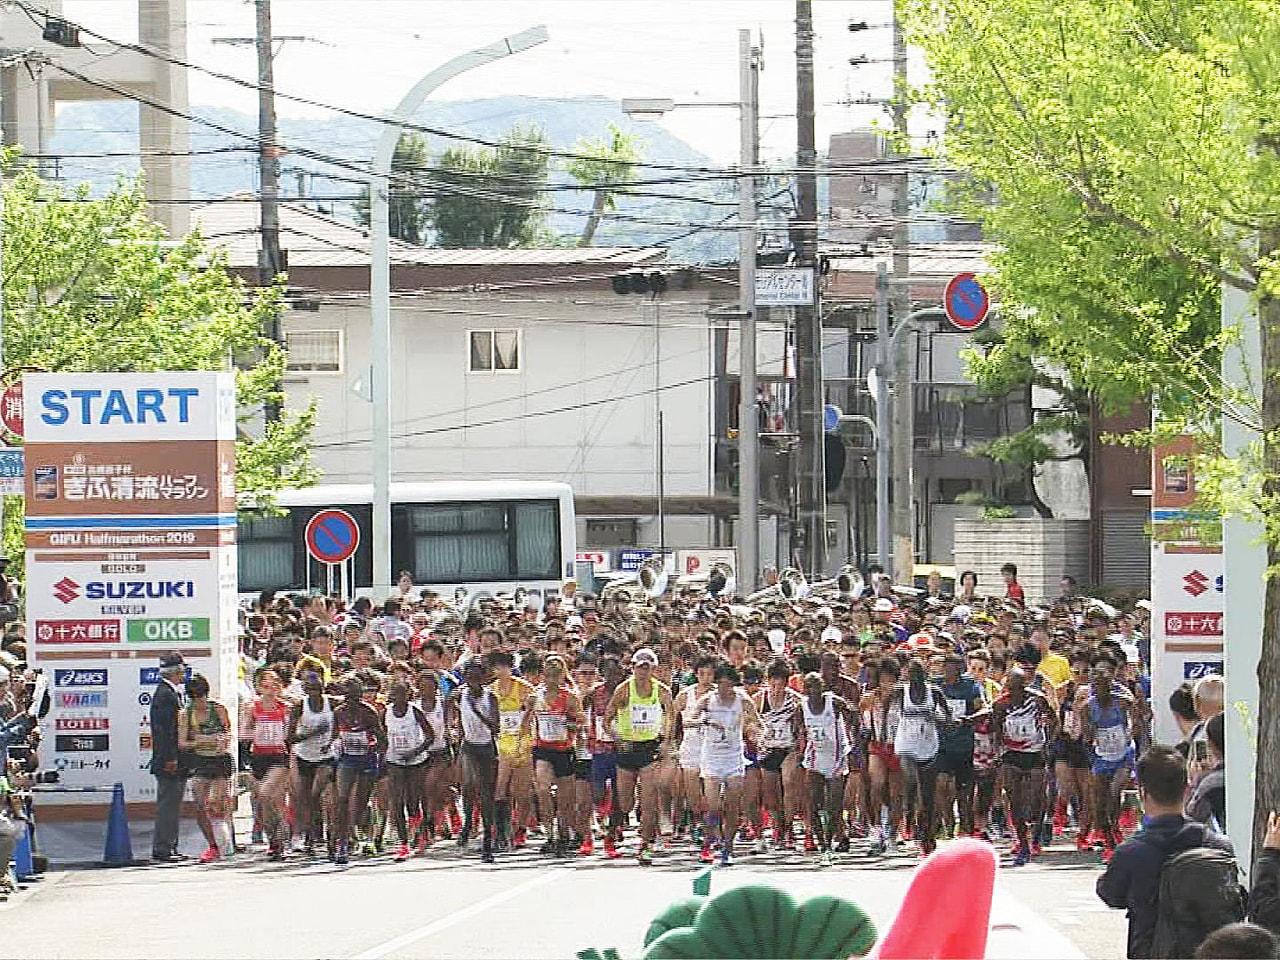 4月25日に予定されていた「高橋尚子杯ぎふ清流ハーフマラソン」は、新型コロナウイ...